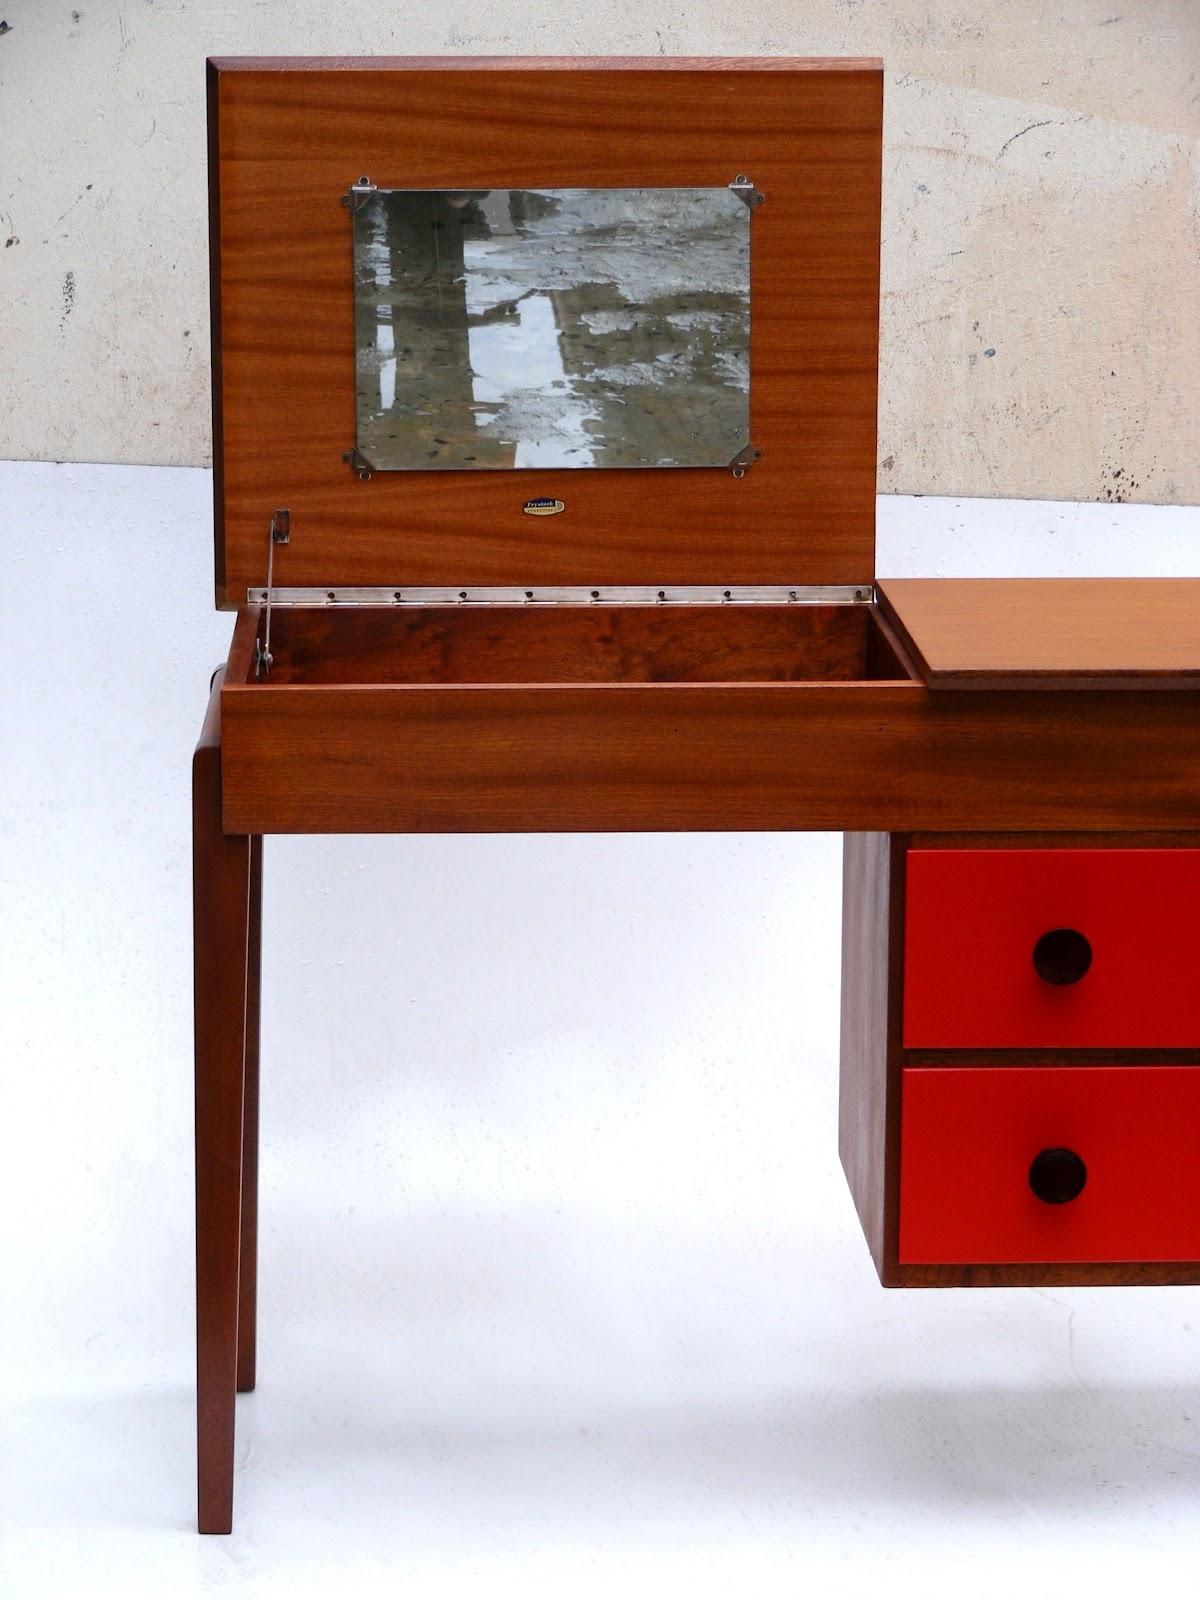 VAMP FURNITURE New furniture stock this week at Vamp 13